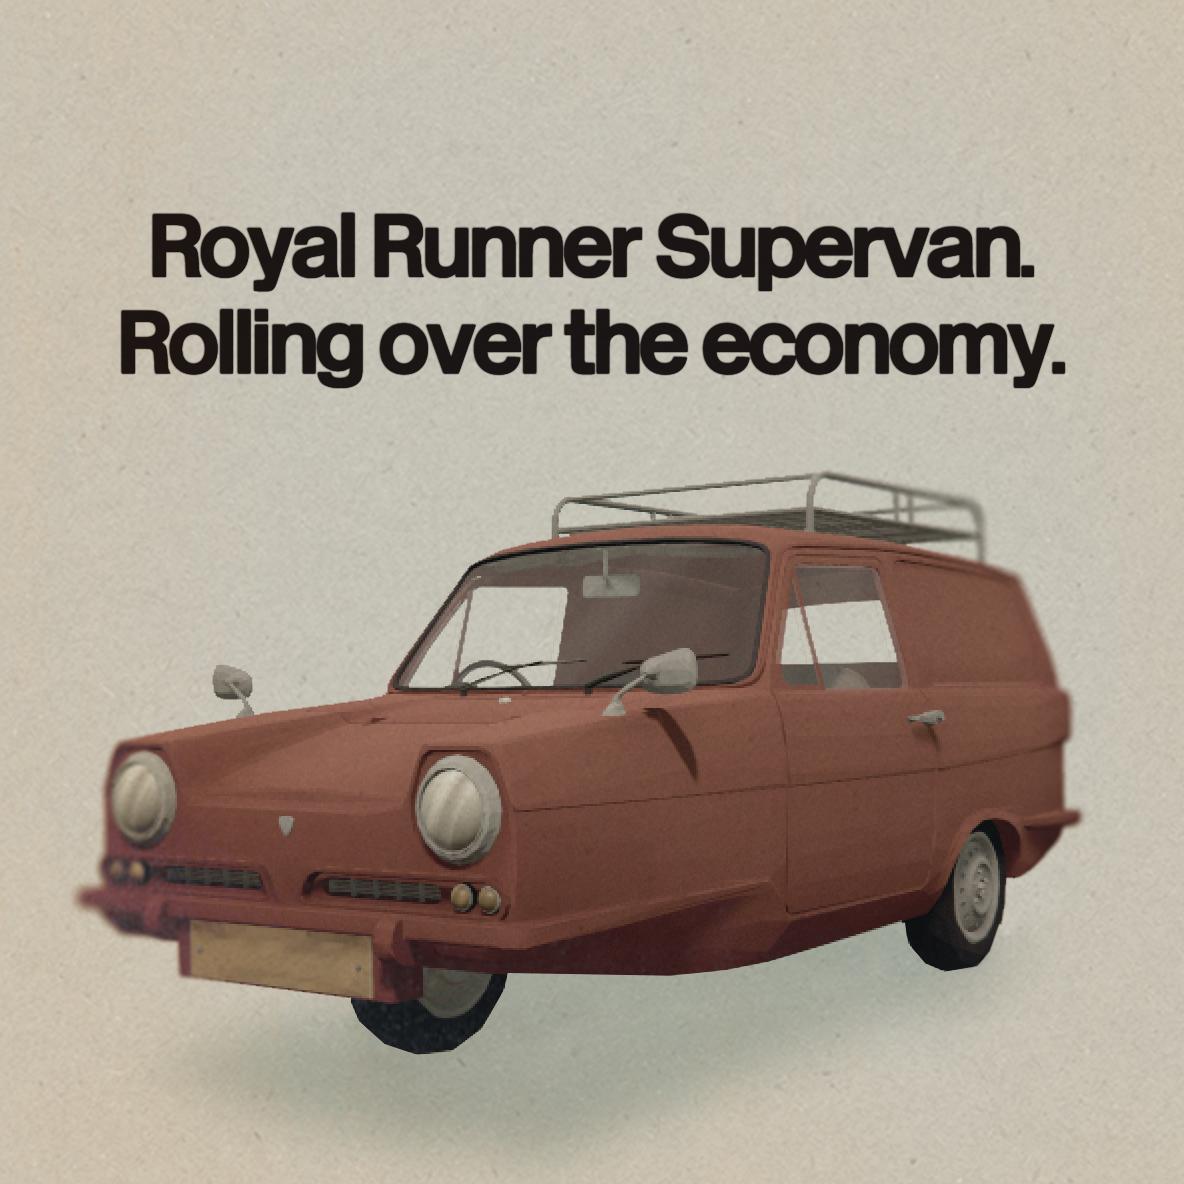 RoyalRunner